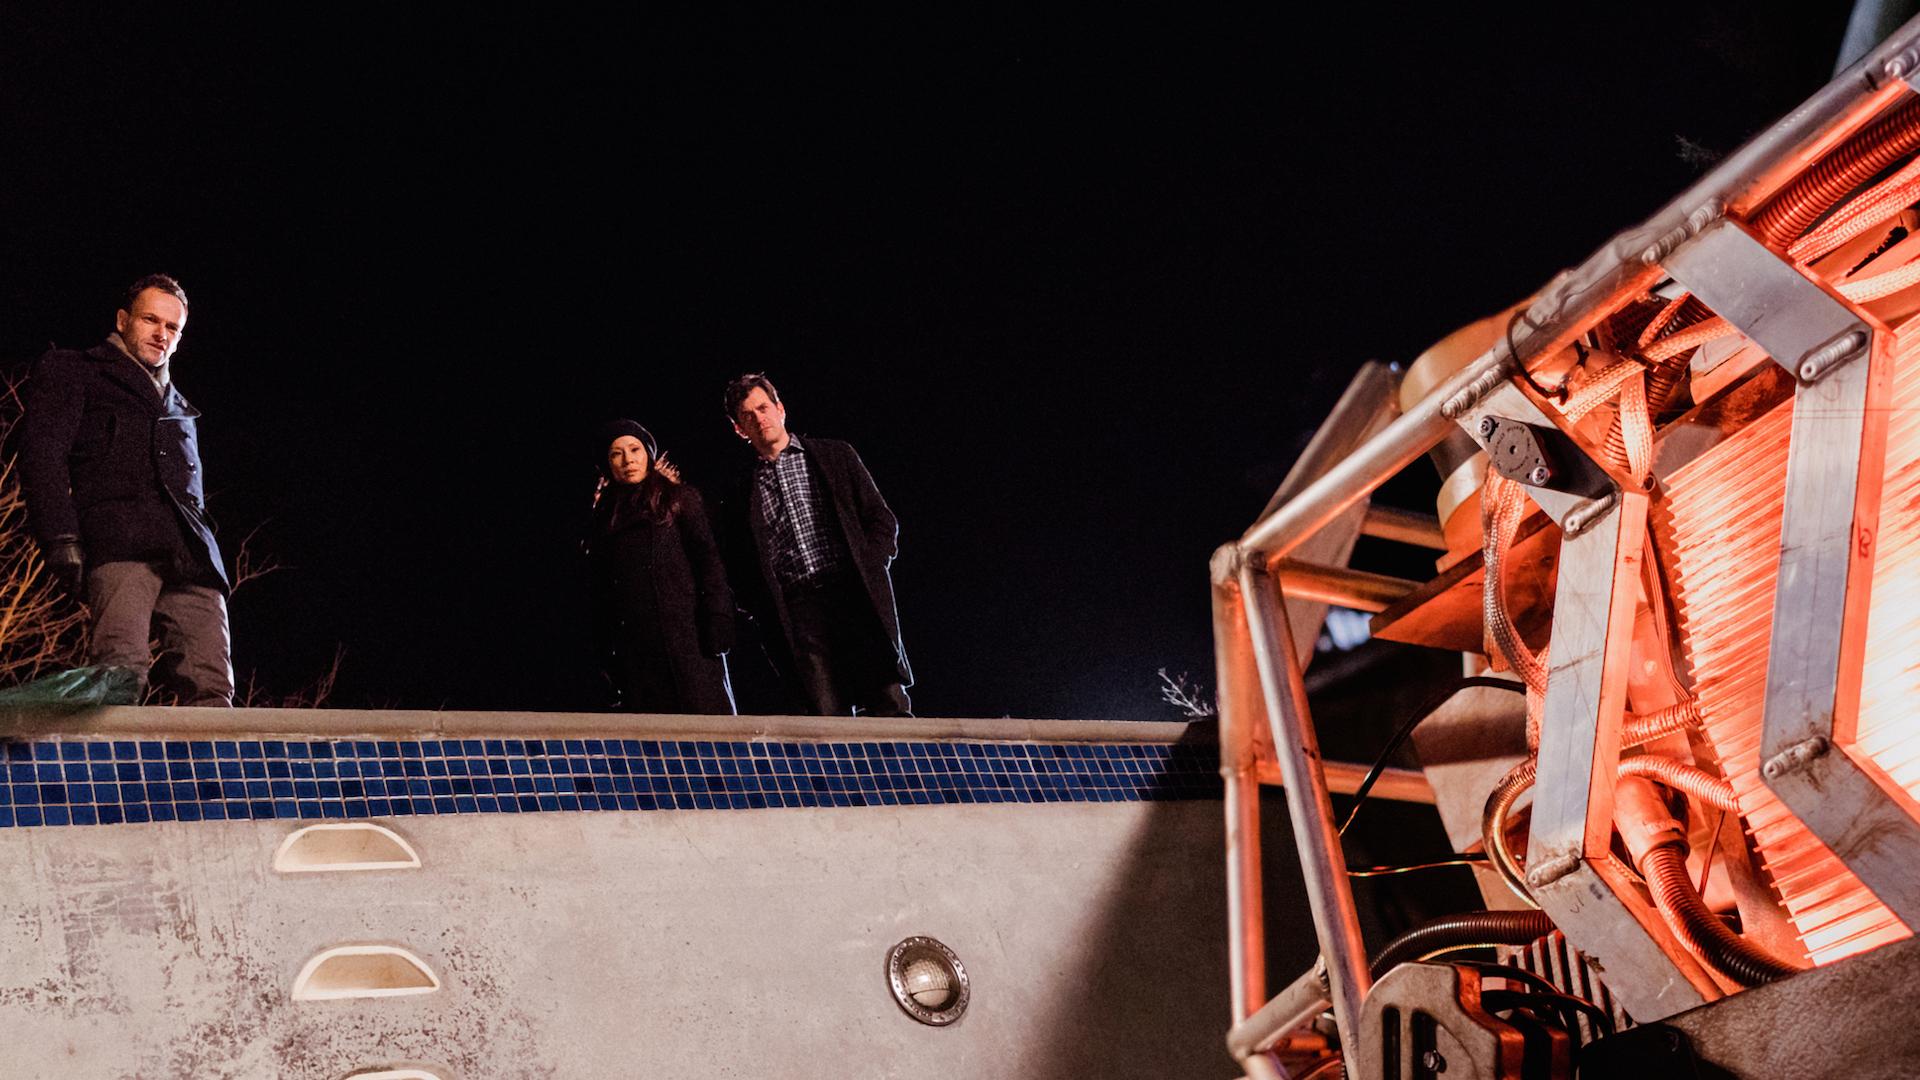 Jonny Lee Miller as Sherlock Holmes, Lucy Liu as Joan Watson, and Tom Everett Scott as Henry Baskerville